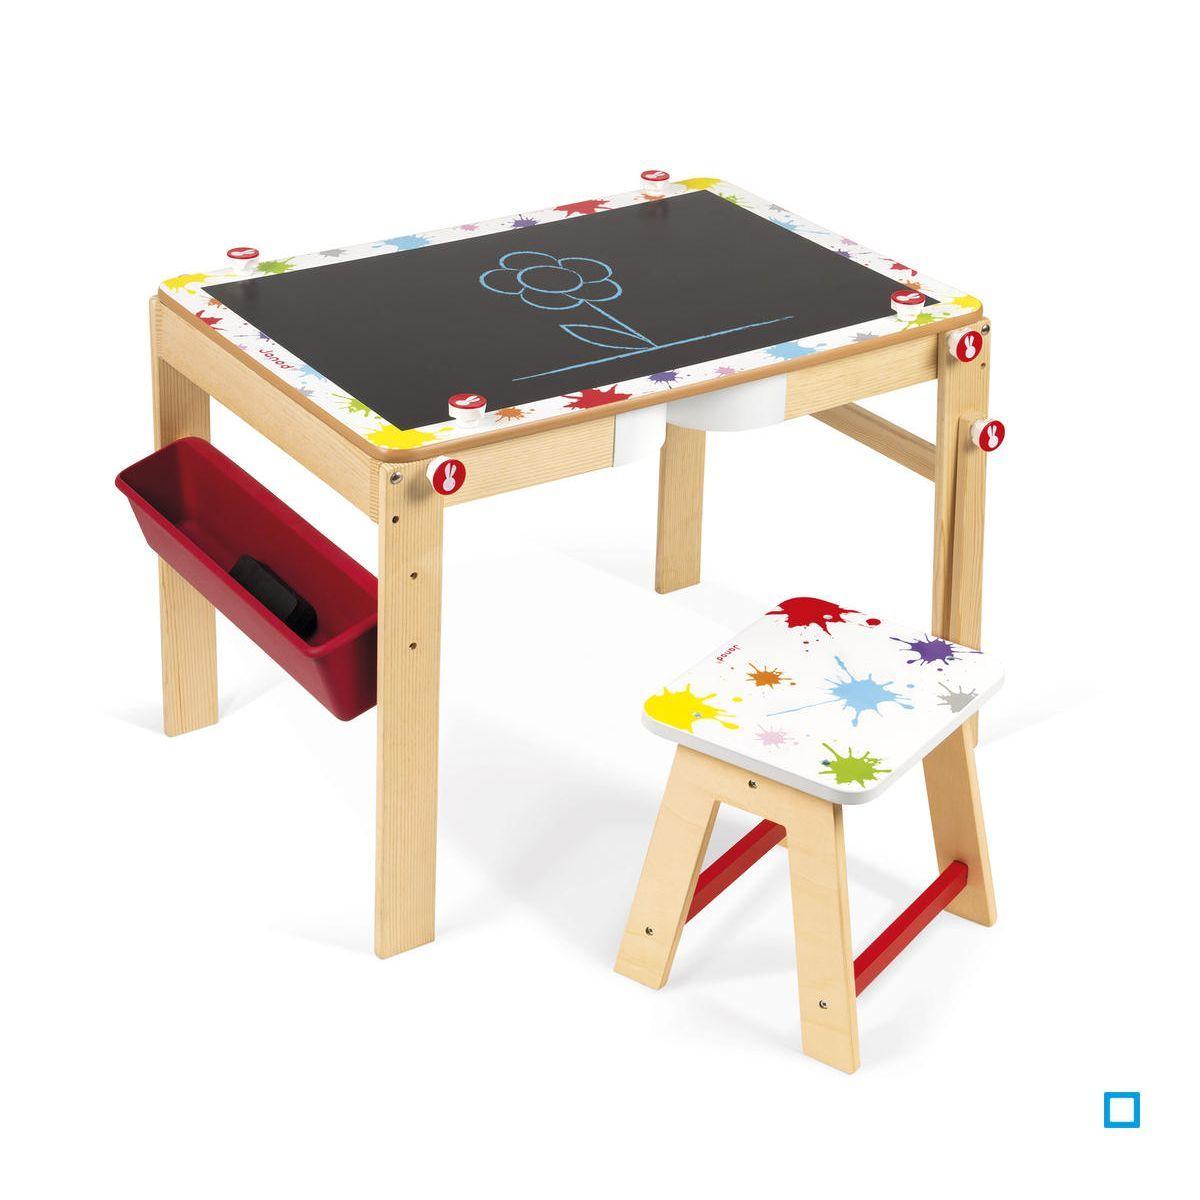 Bureau Enfant 2 Ans bureau modulable 2 en 1 splash - jurj09609 - taille : taille